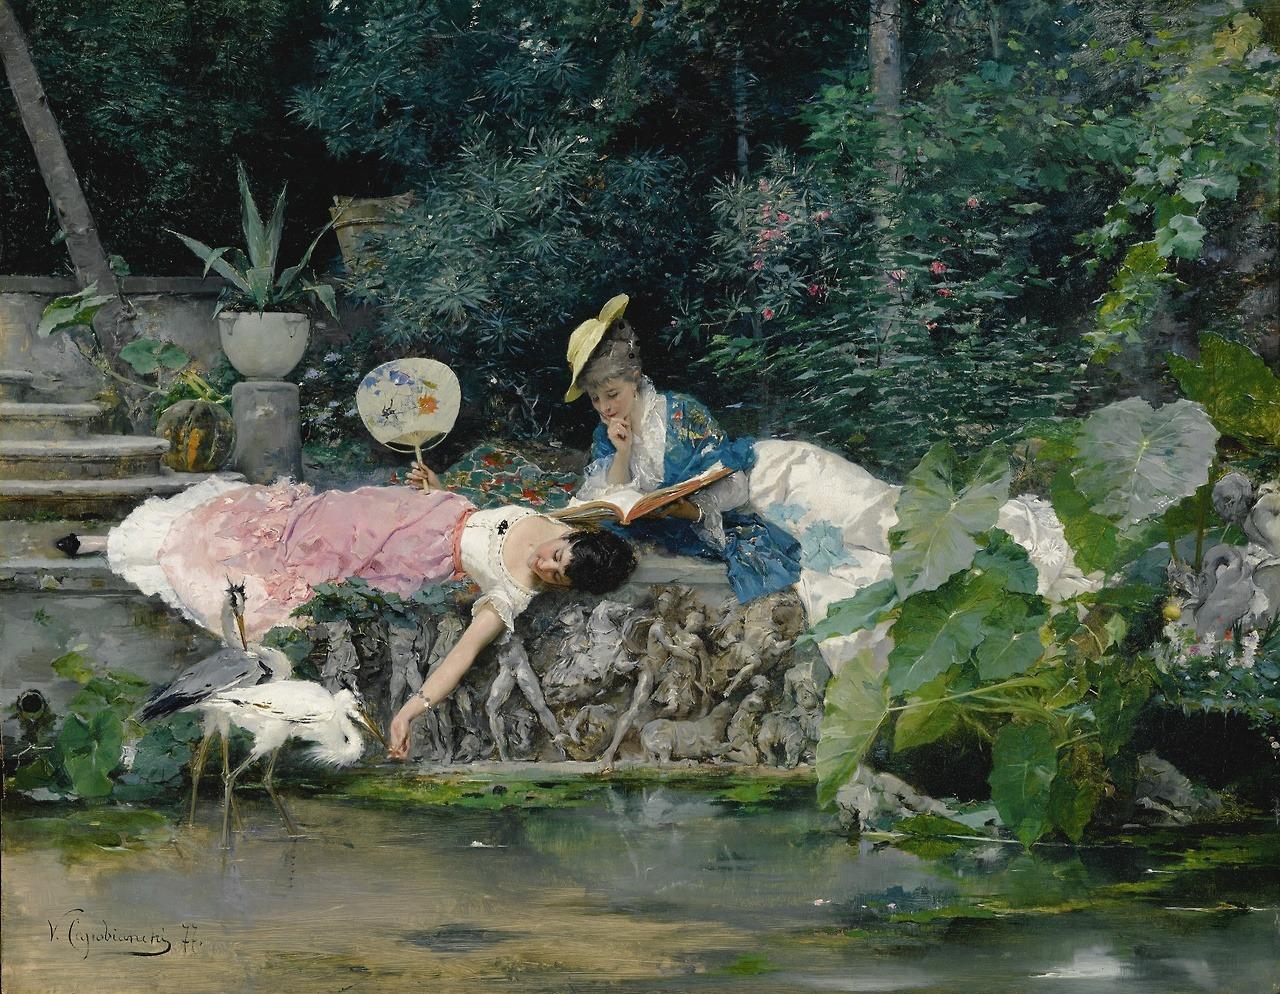 Vincente Capobianchi (Italian, activ 1870-188